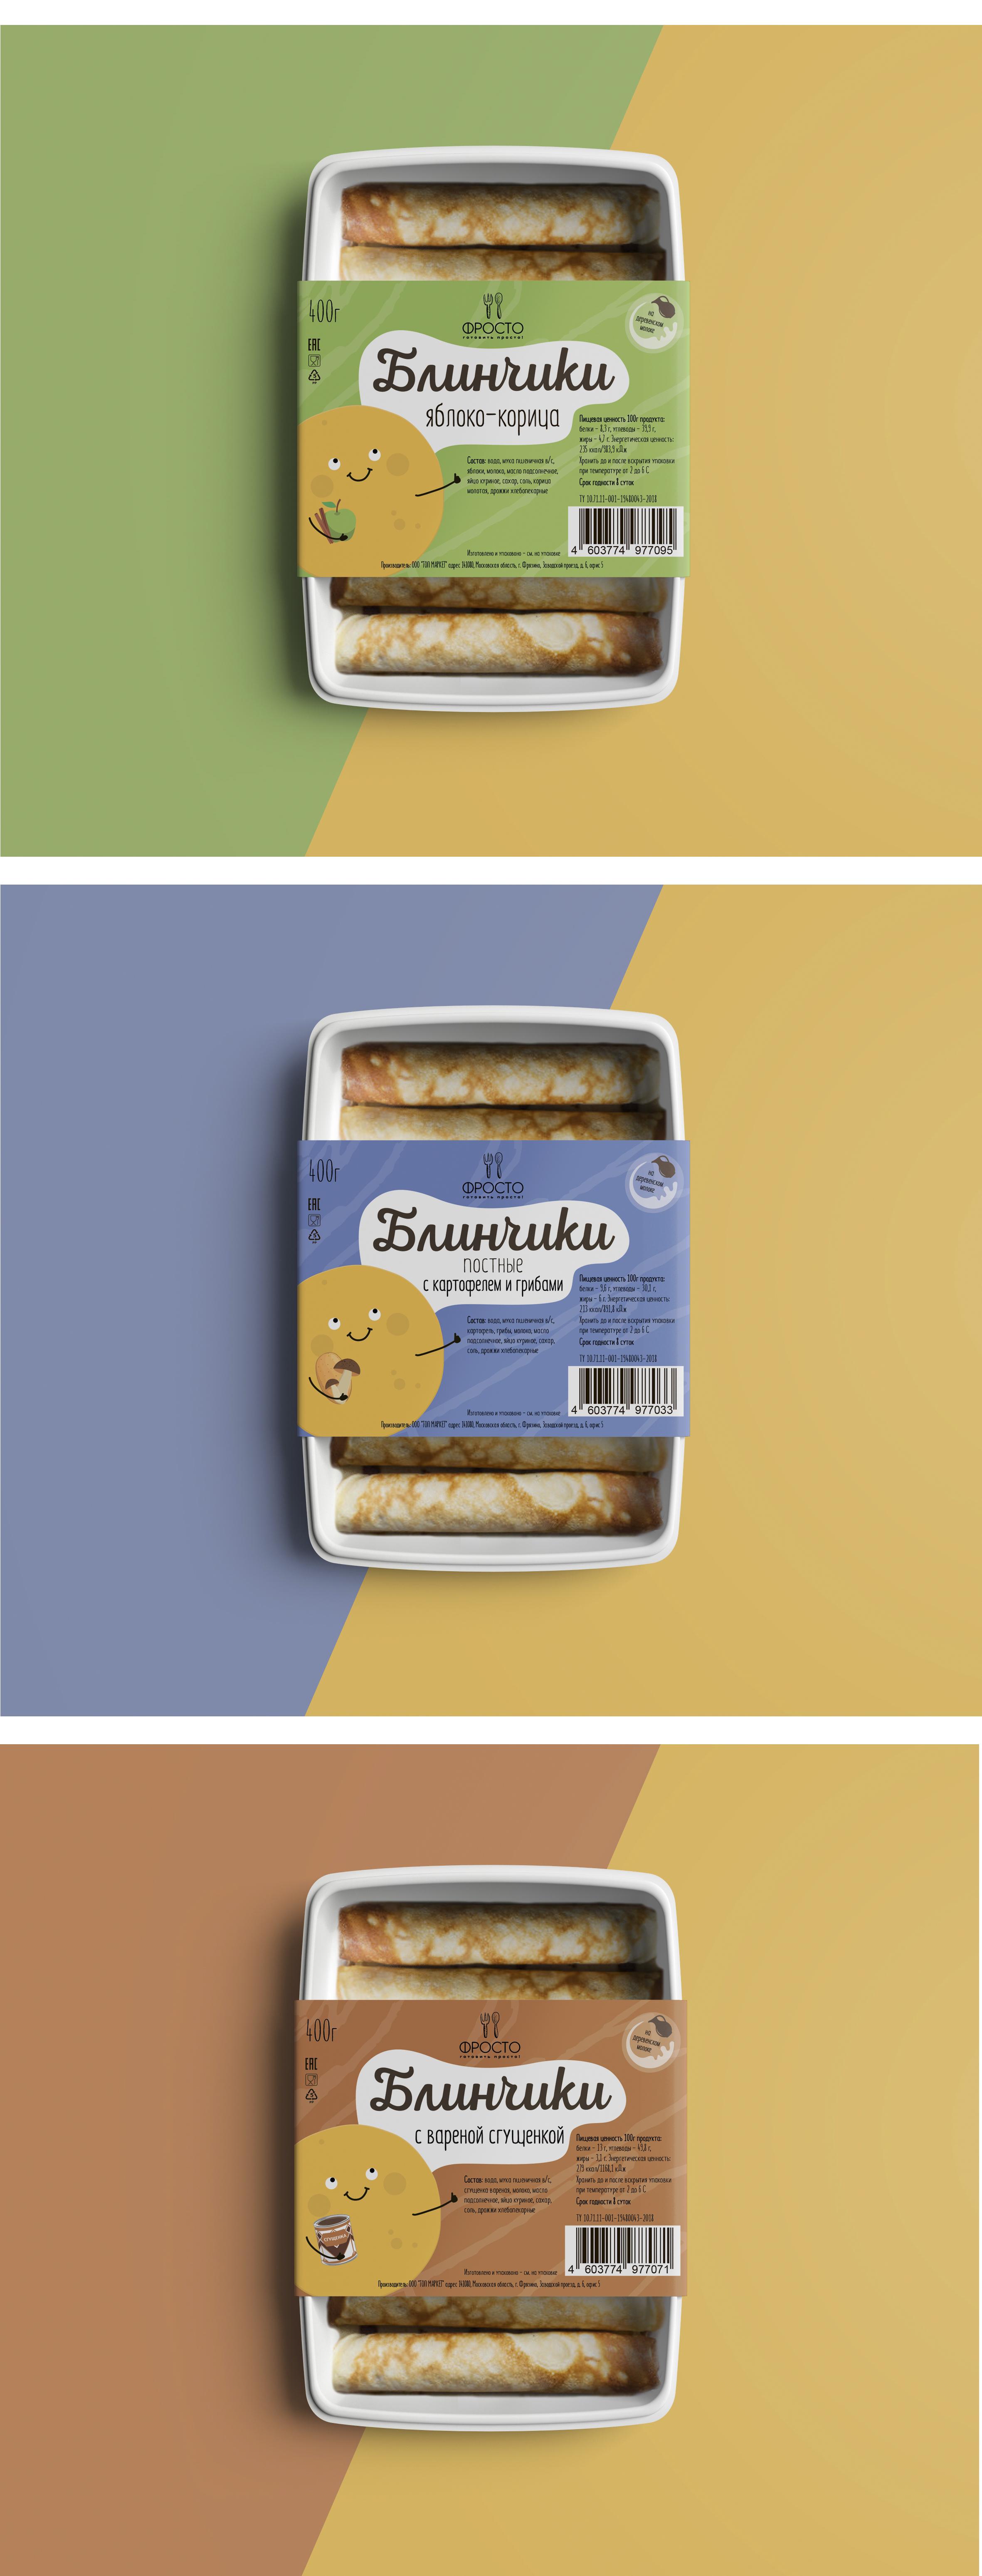 Дизайн упаковки блинчиков. 1 место в конкурсе